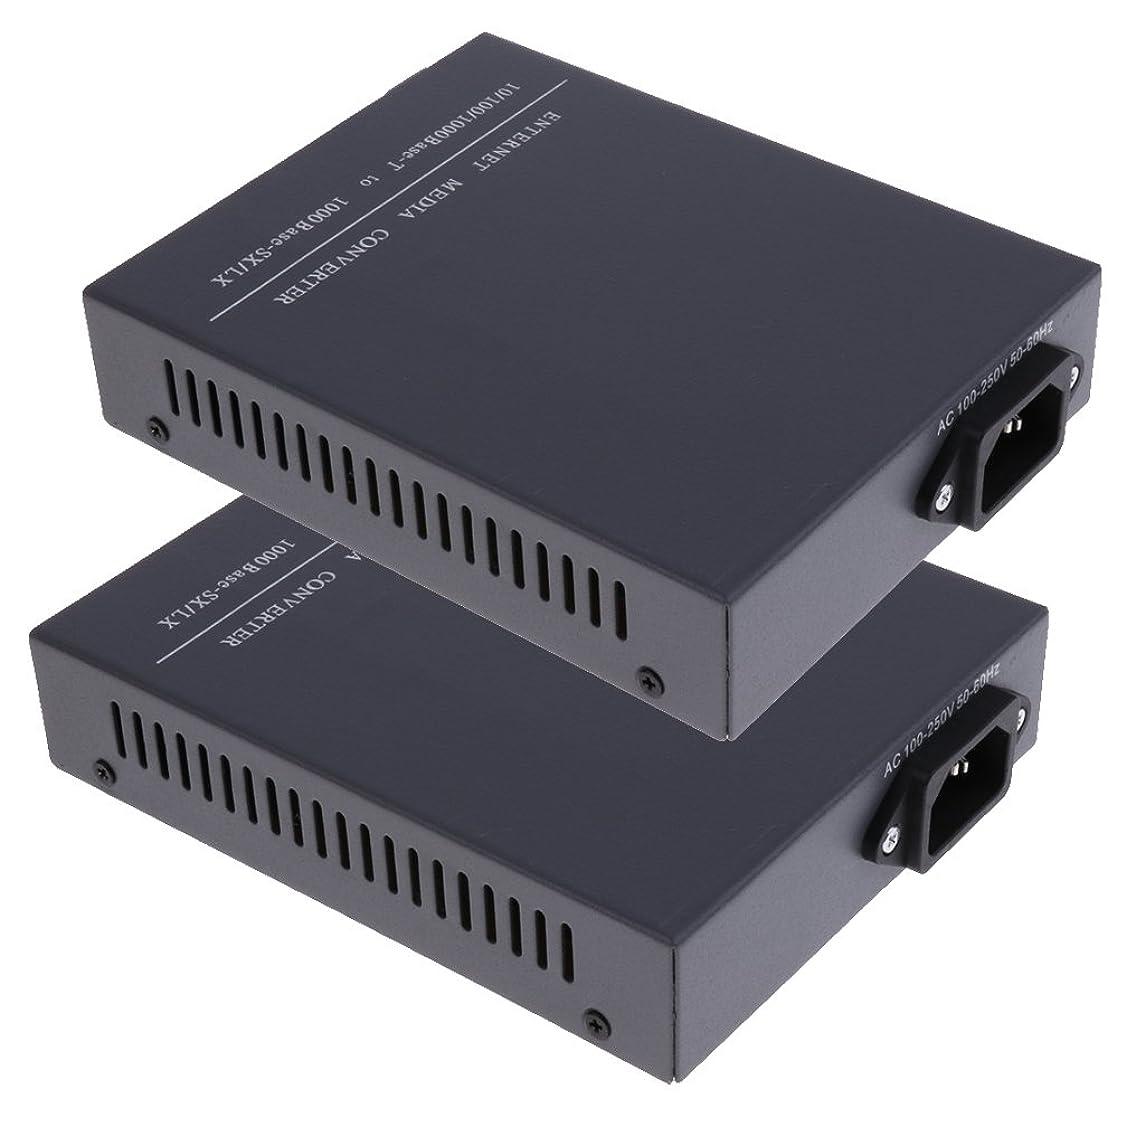 特異なフレット整理するHomyl 1000Mbps ギガビット イーサネット シングル モード SC 光ファイバ メディア コンバータ 最大20km